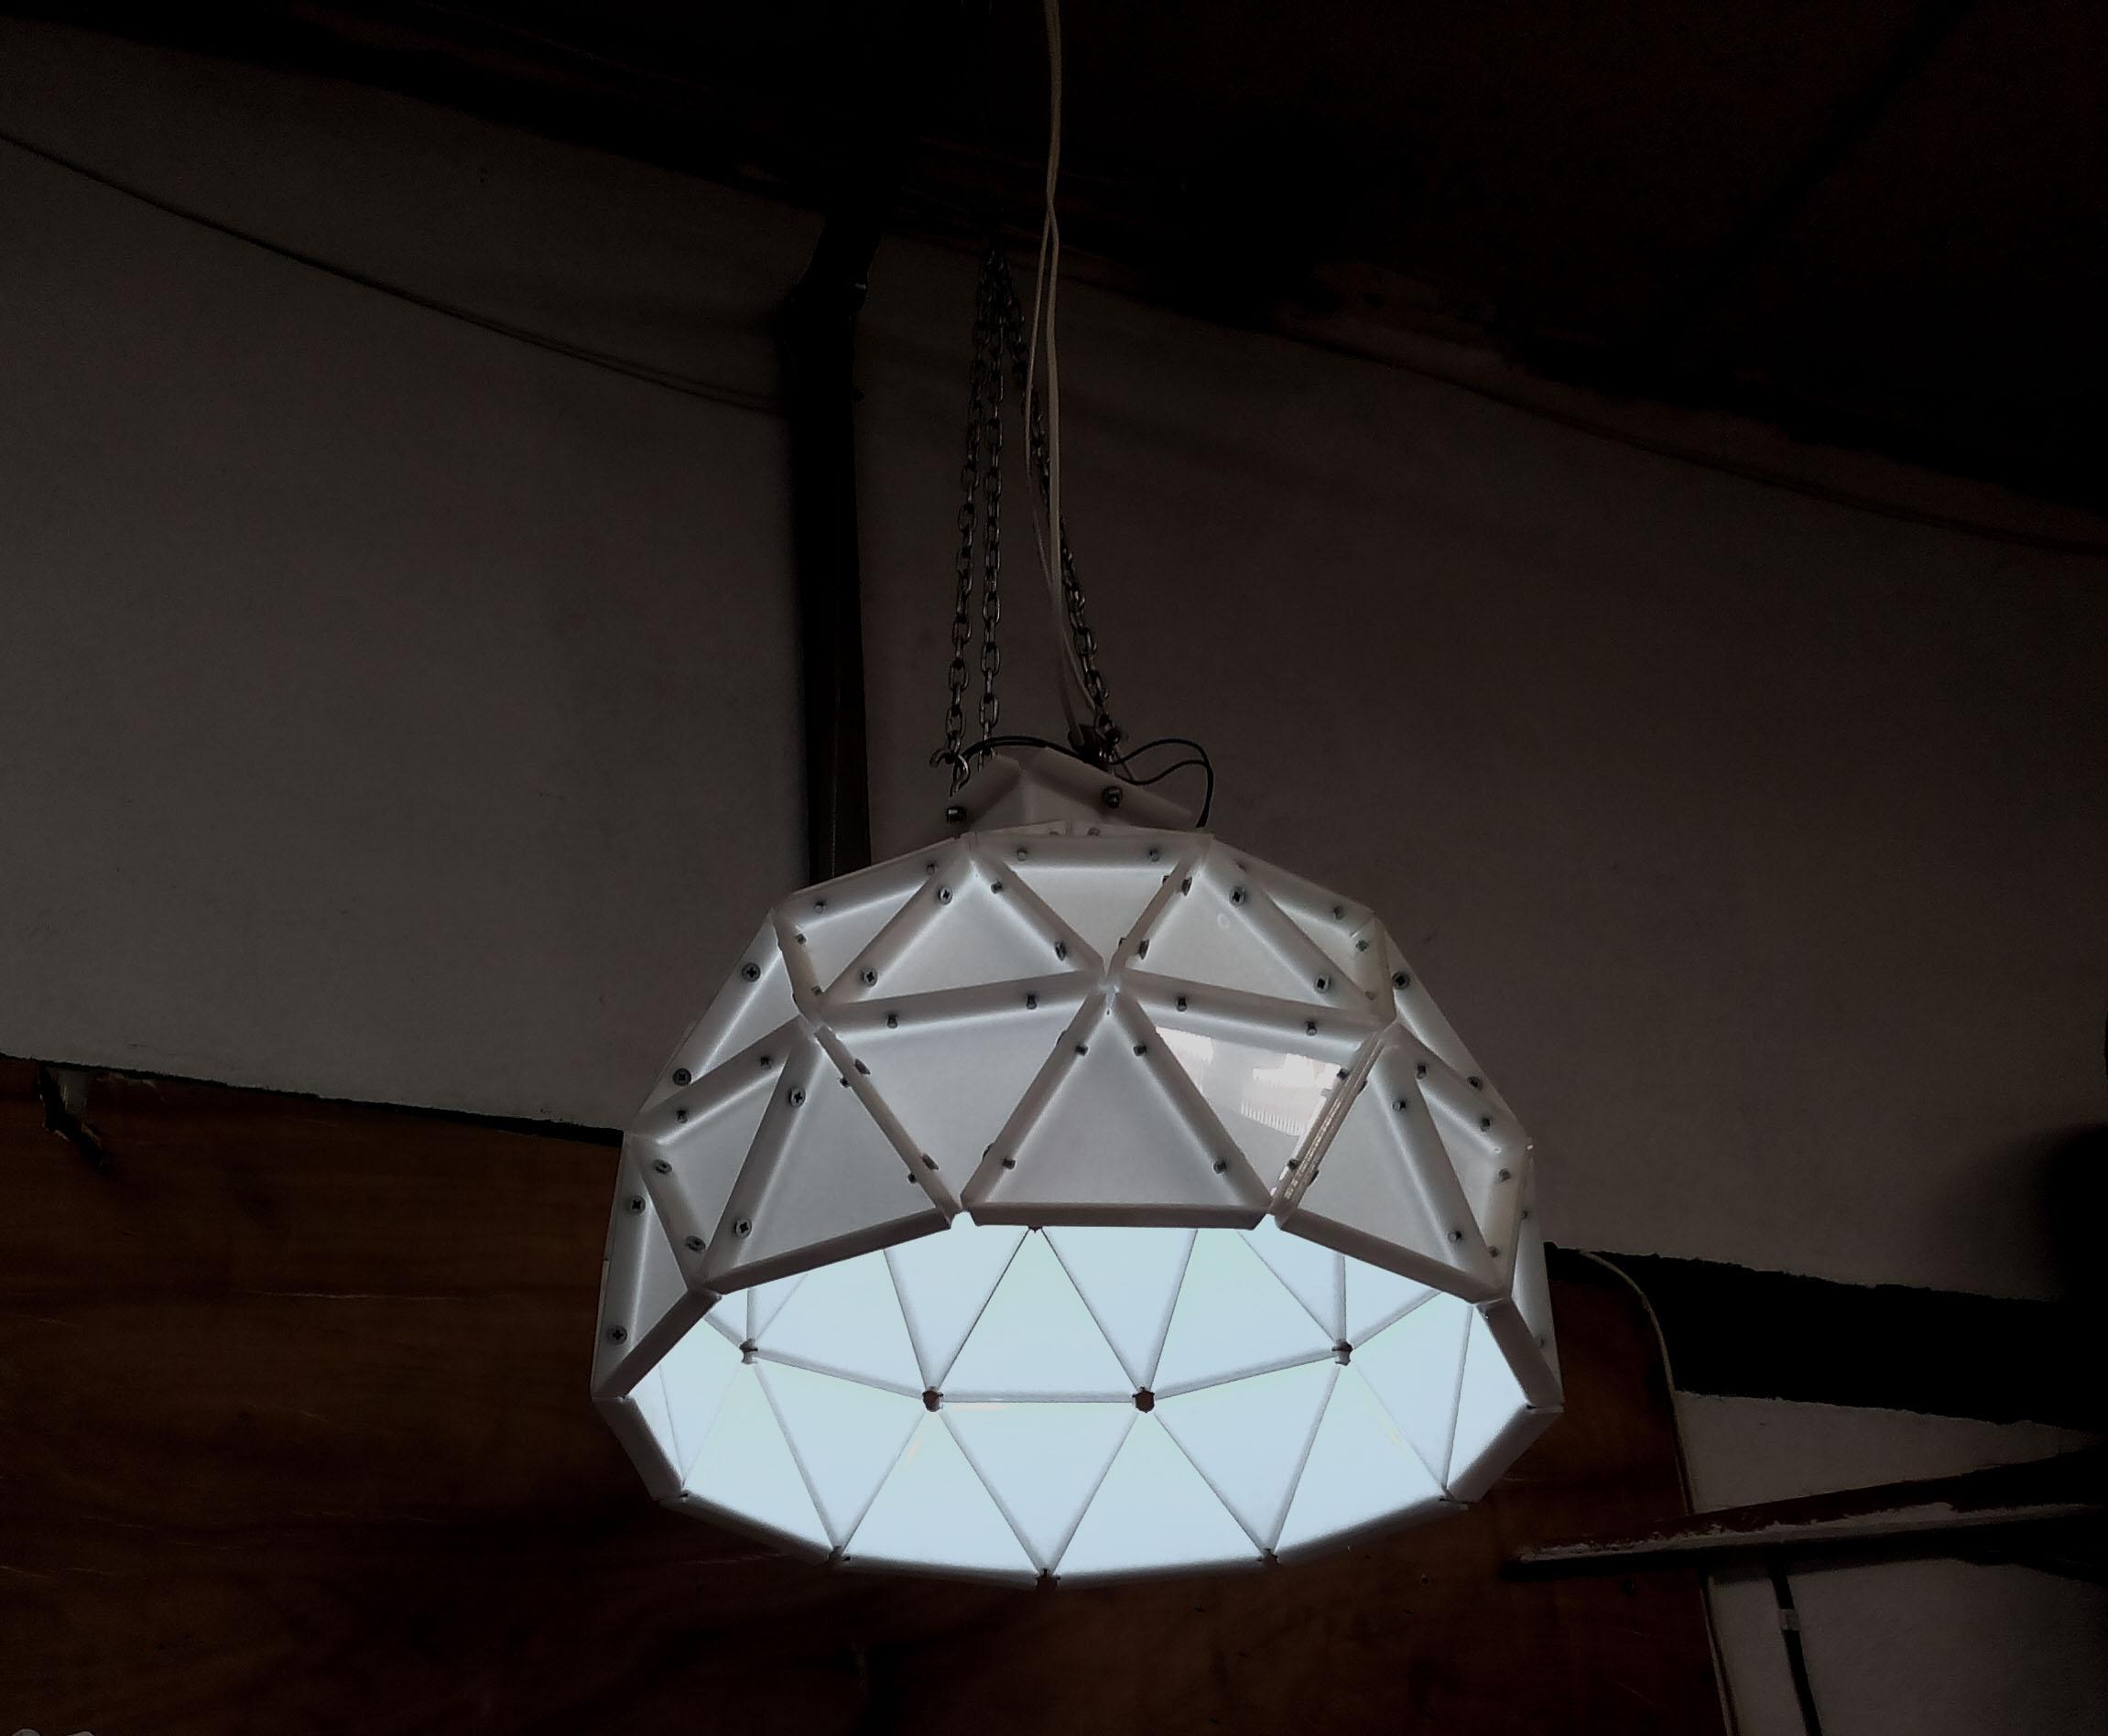 лофт лампа для интерьера купить в интернет магазине азбукадекор.рф